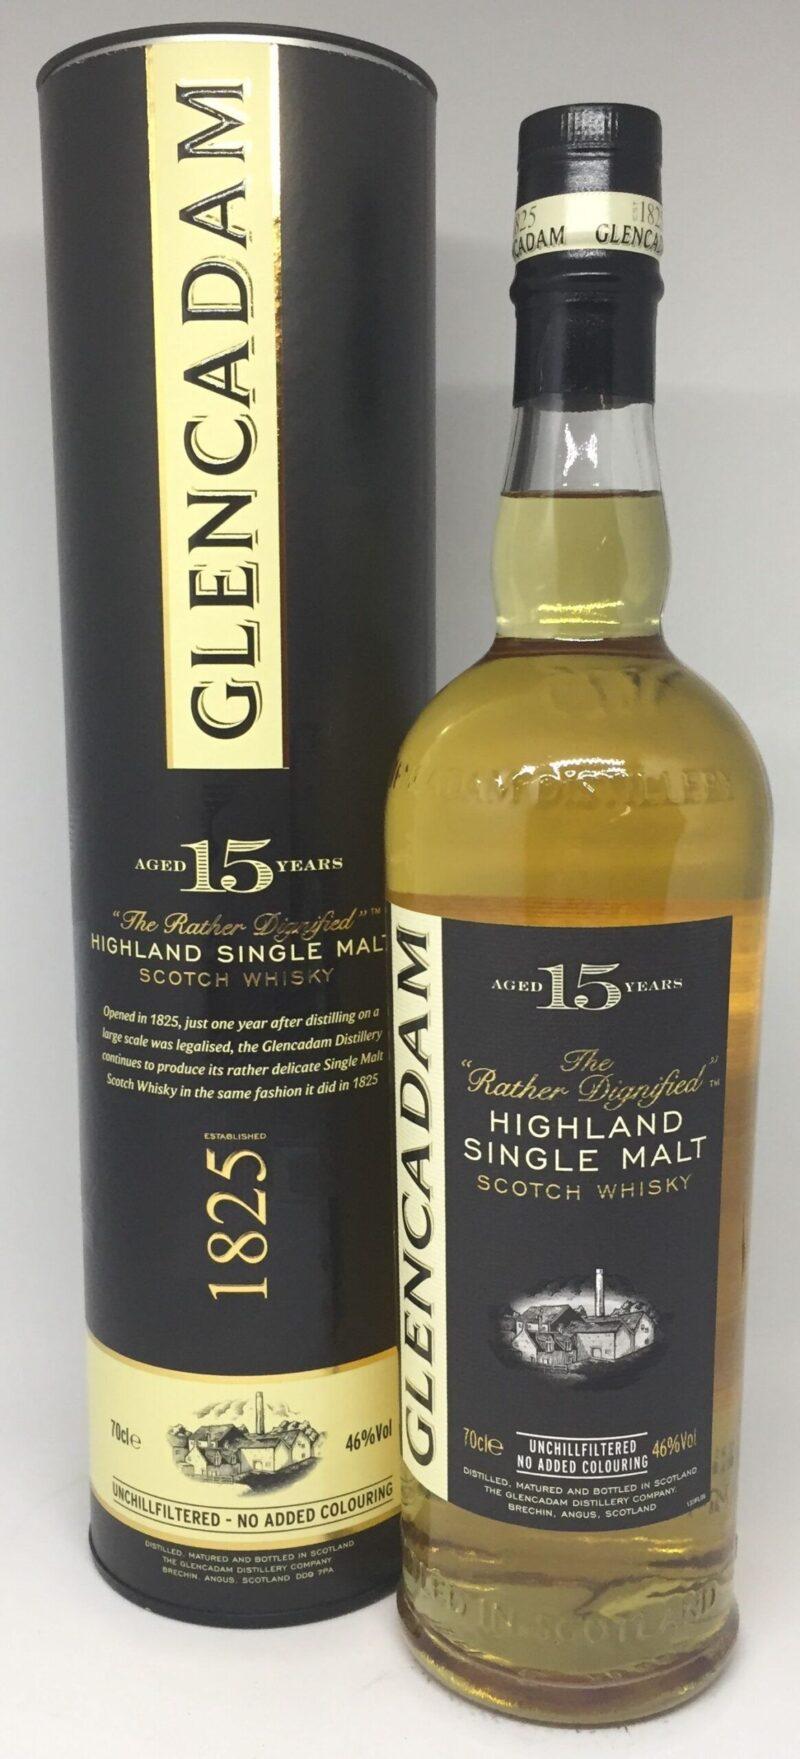 Glencadam 15 års Highland single malt 46 %